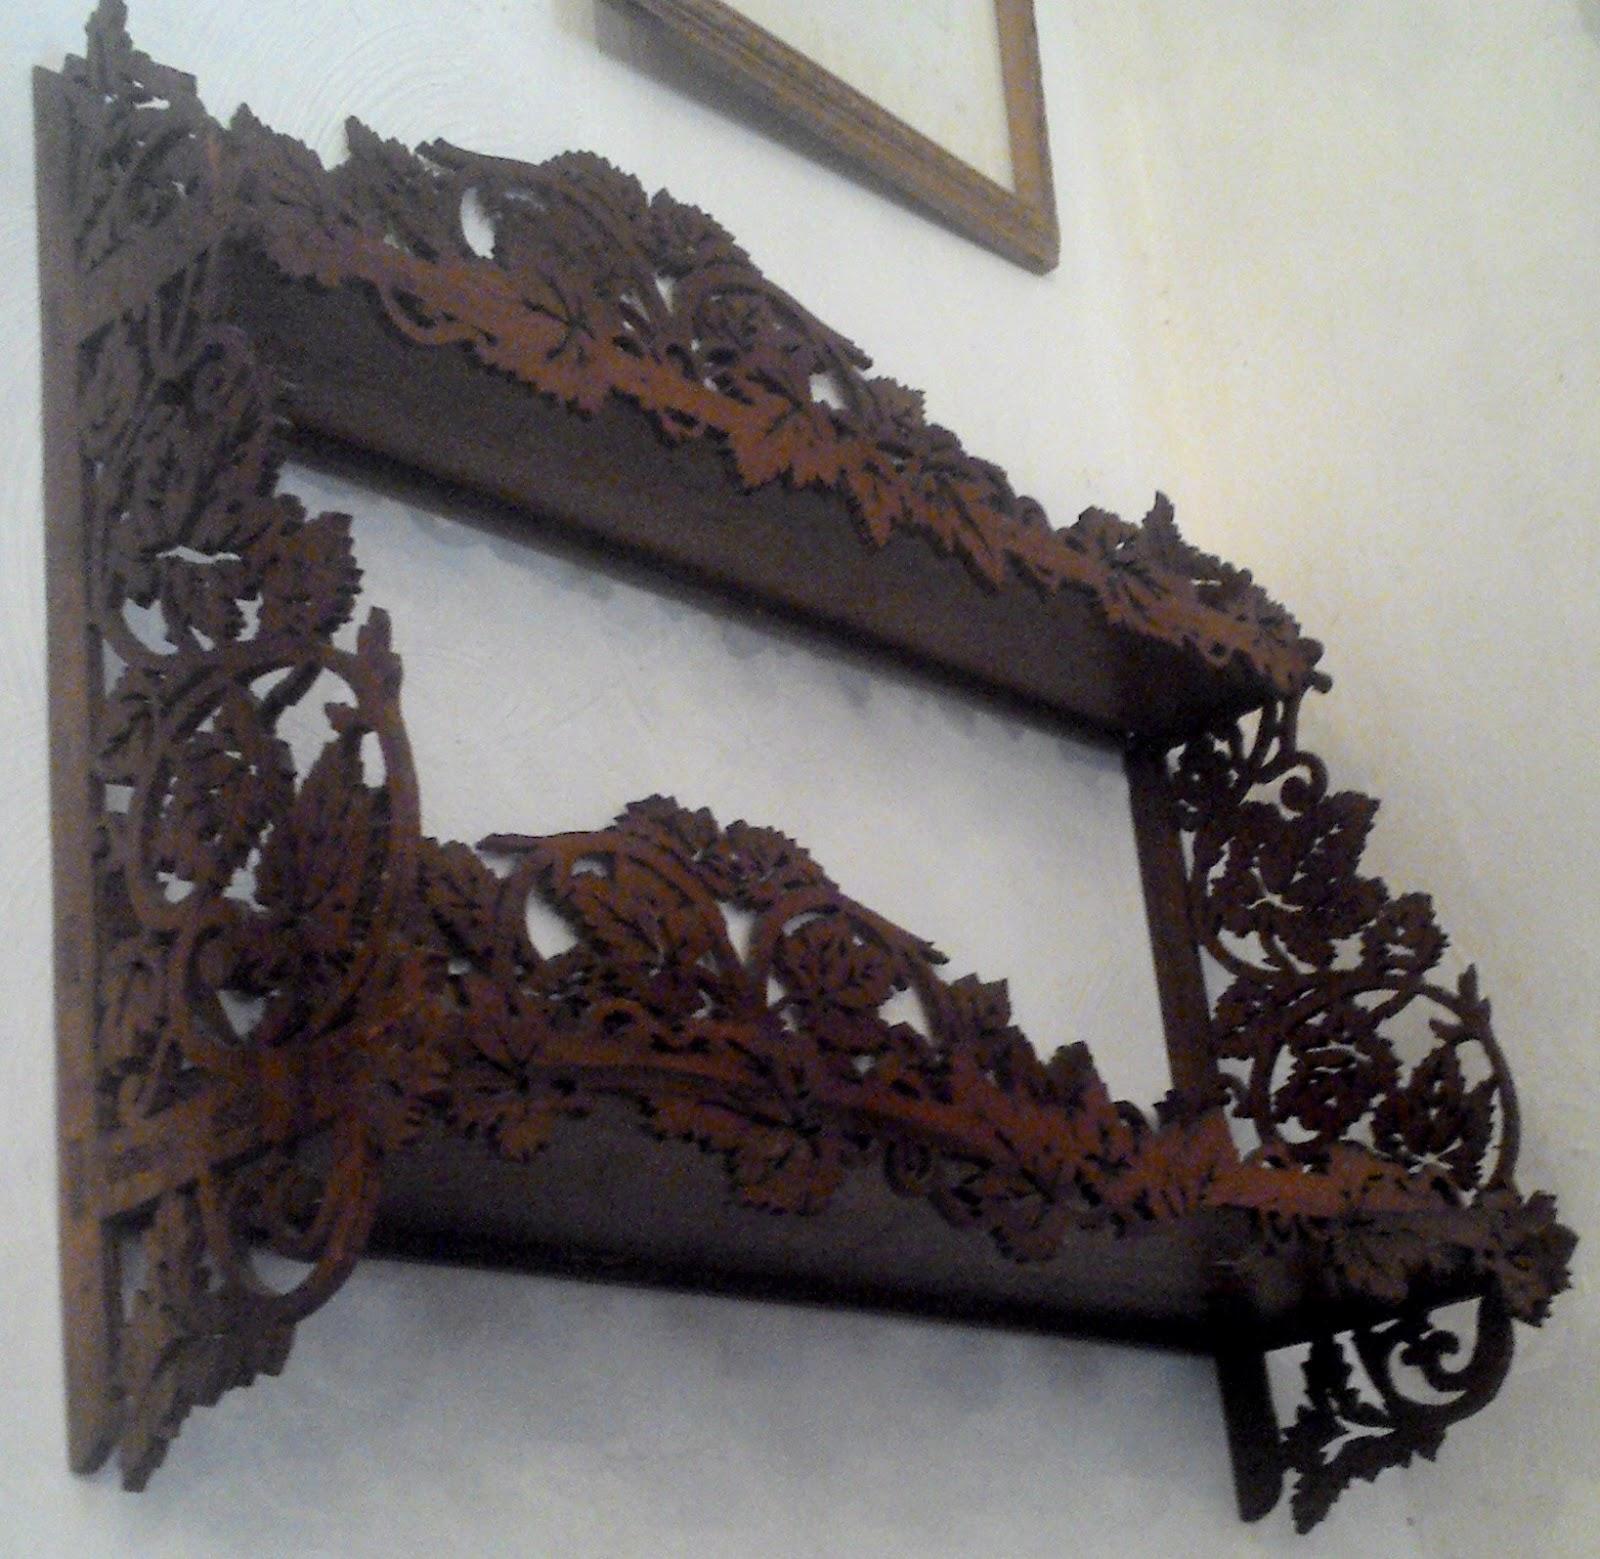 sculpté marqueterie foret ancienne étagère bois noire EH9YeWID2